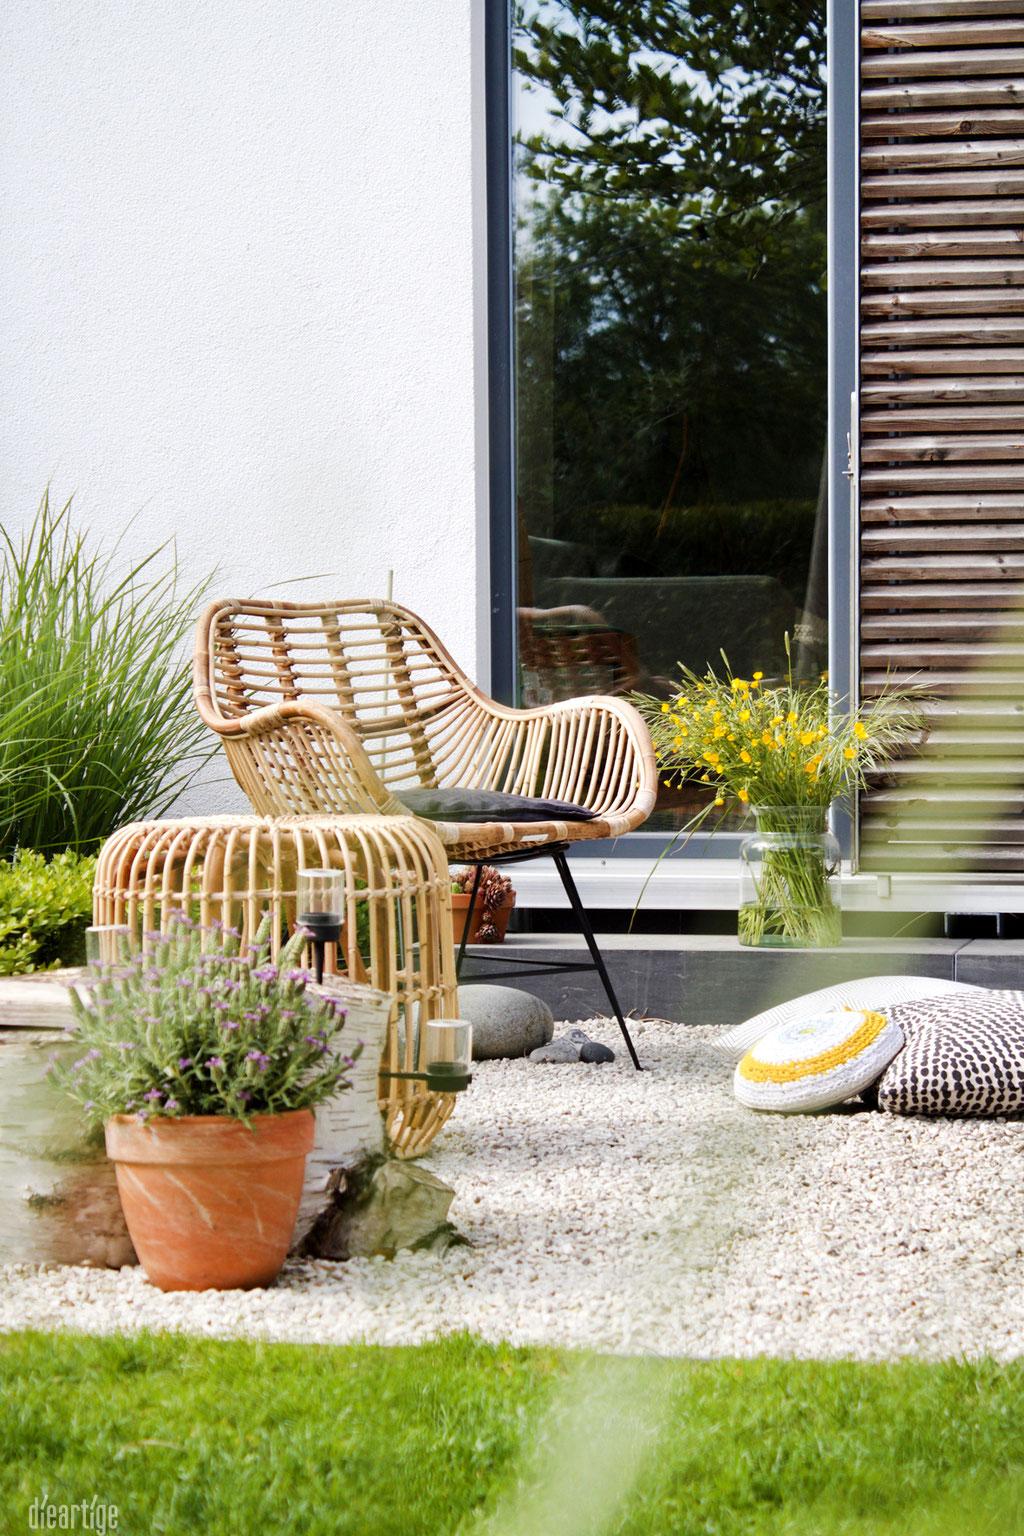 dieartigeBLOG - Rattan-Stuhl, Rattan-Hocker Kies-Terrasse, Schiebeladen, Wiesenblumen, gelb, Lumikello